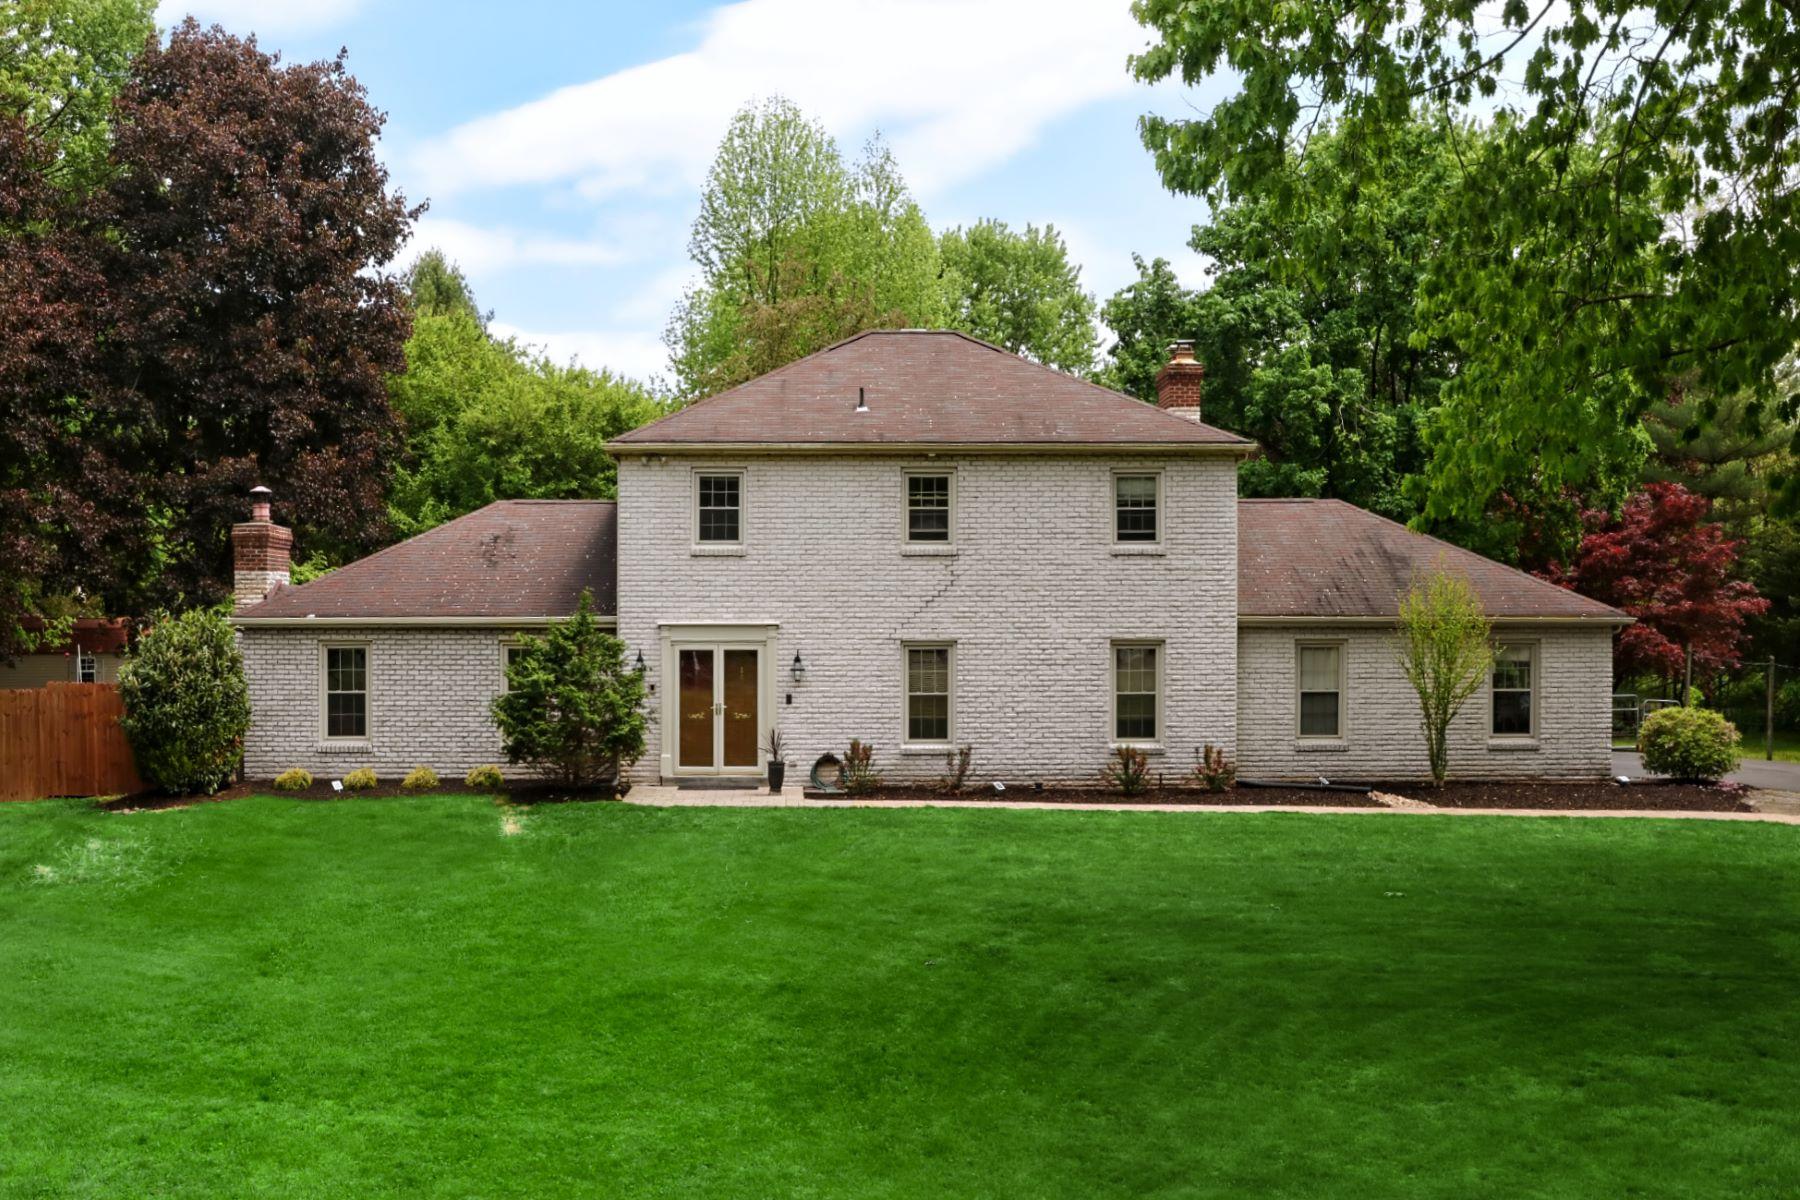 Μονοκατοικία για την Πώληση στο Modern Feel in This Re-Designed Home 9 Hillside Lane, New Hope, Πενσιλβανια 18938 Ηνωμένες Πολιτείες